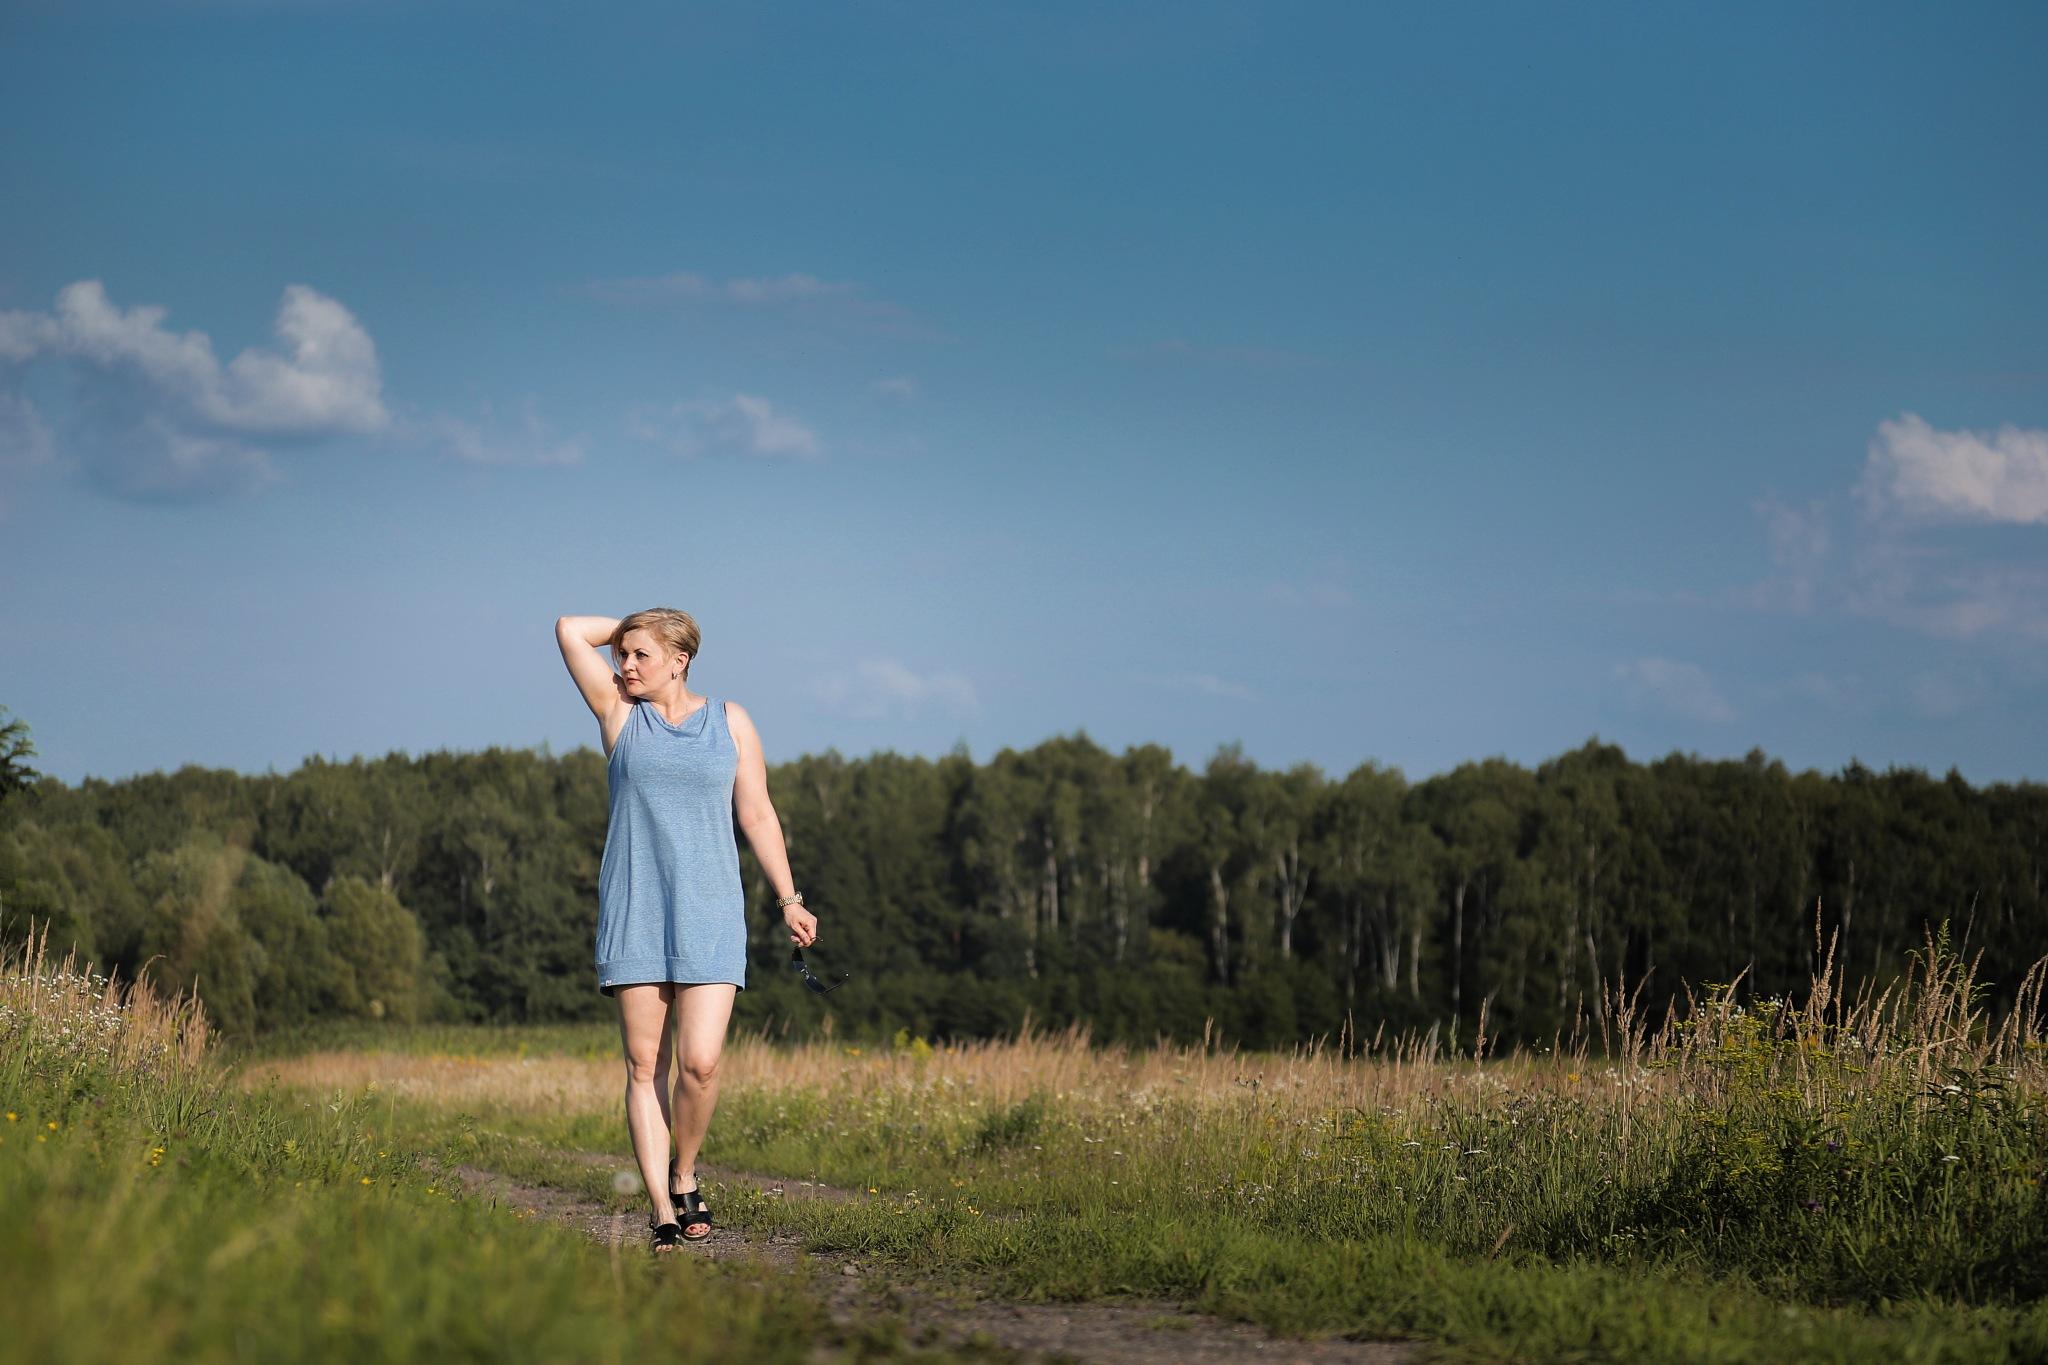 Justyna #2 by Grzegorz Korzec